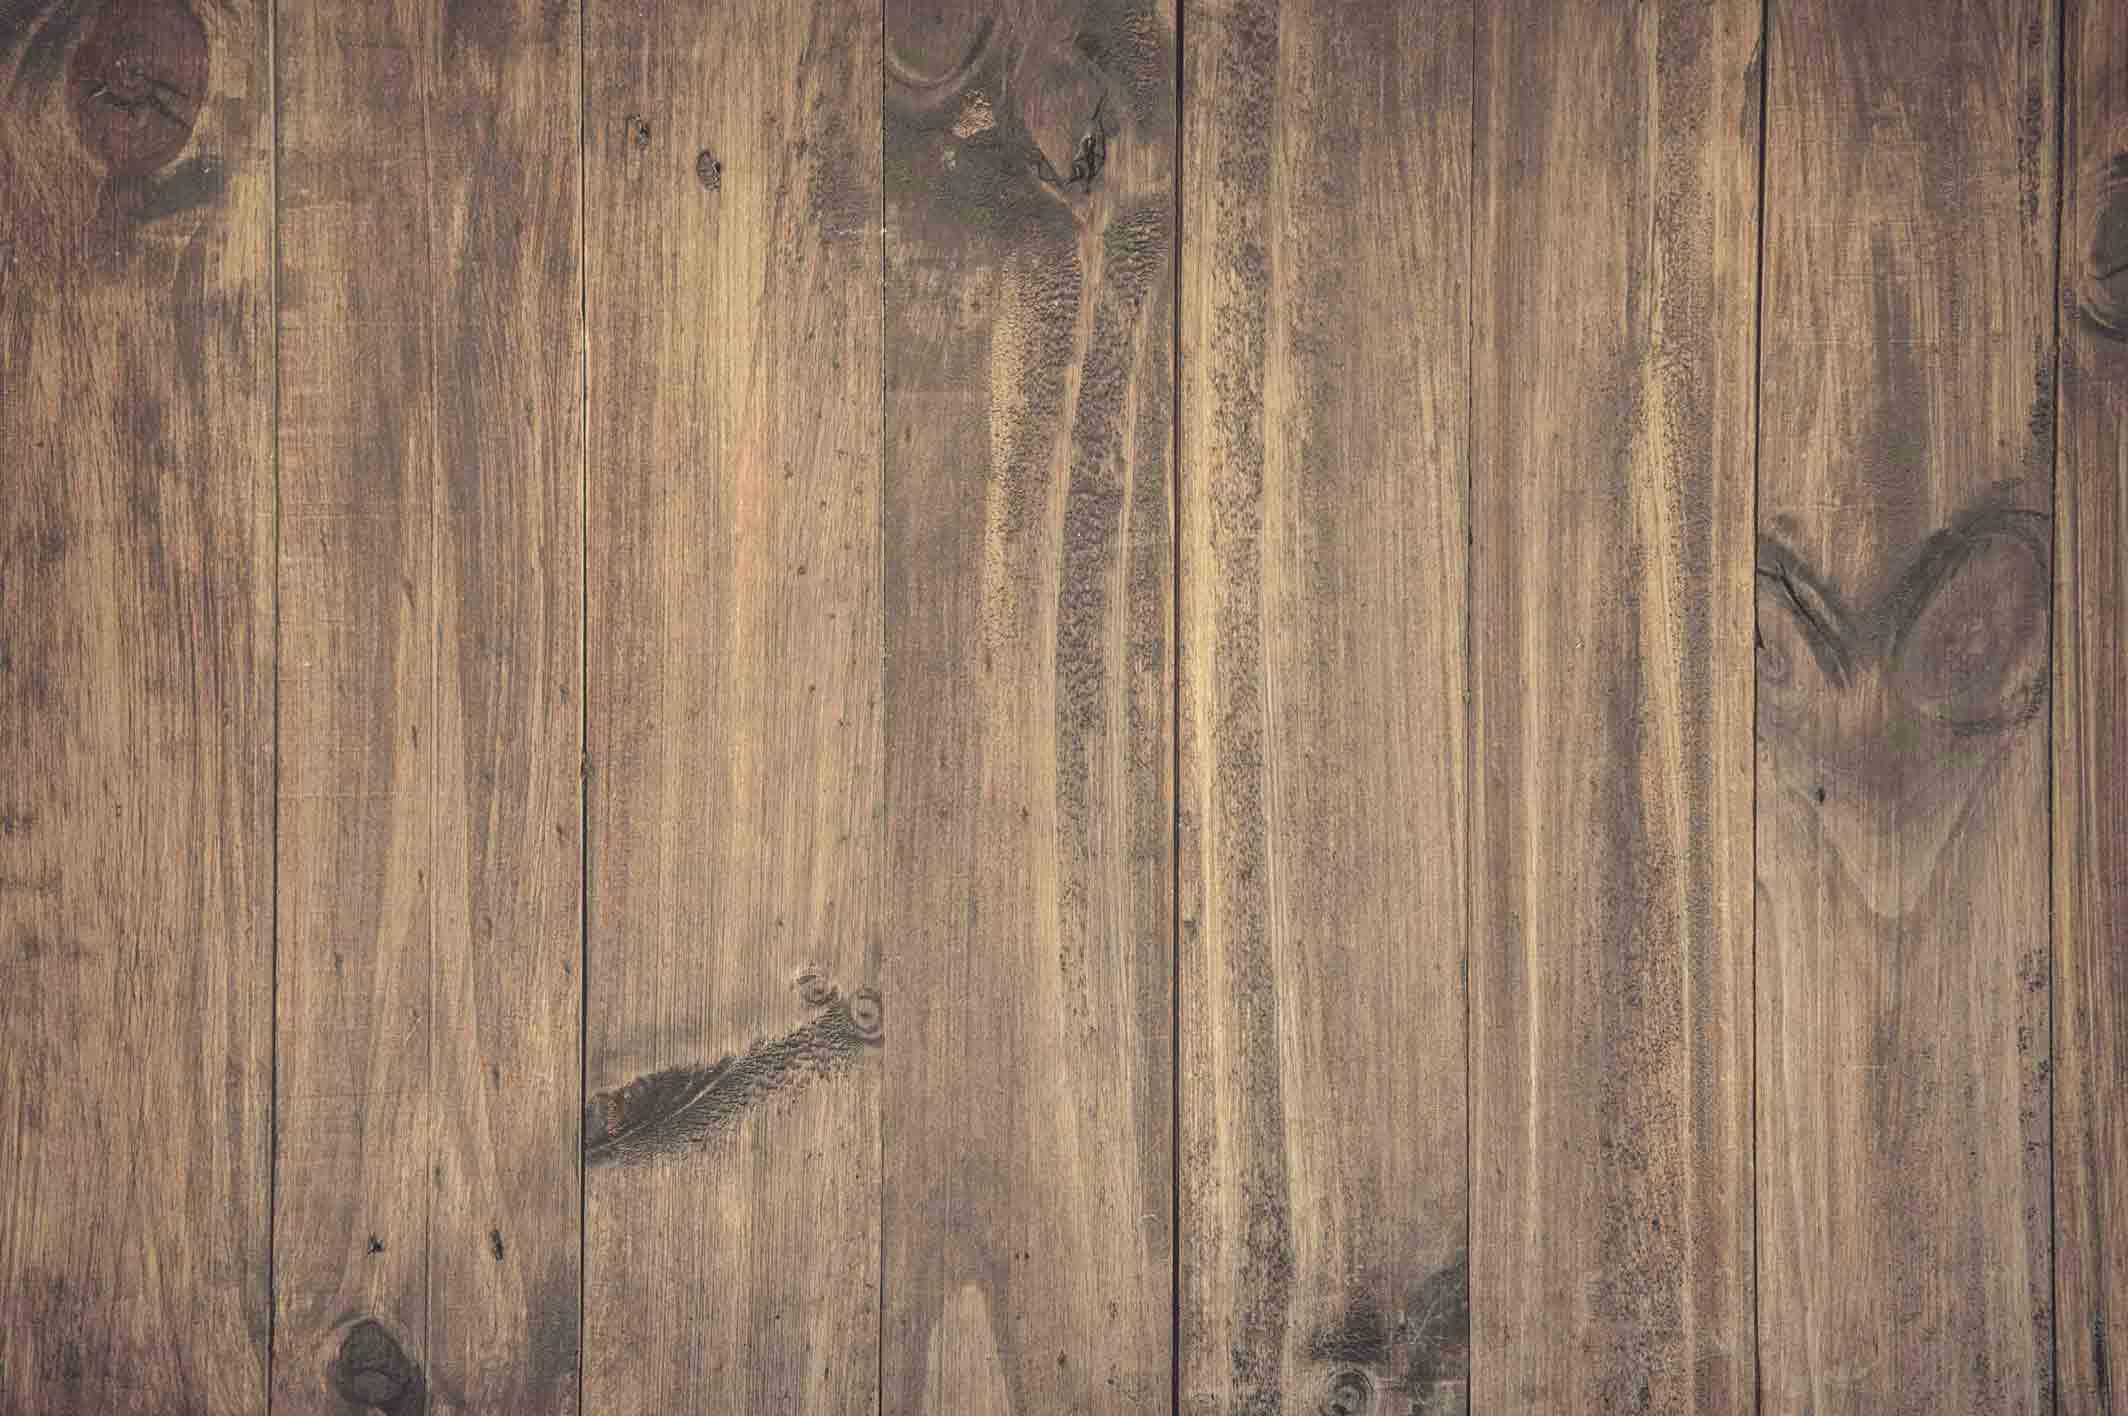 Wood-Background-Optimized